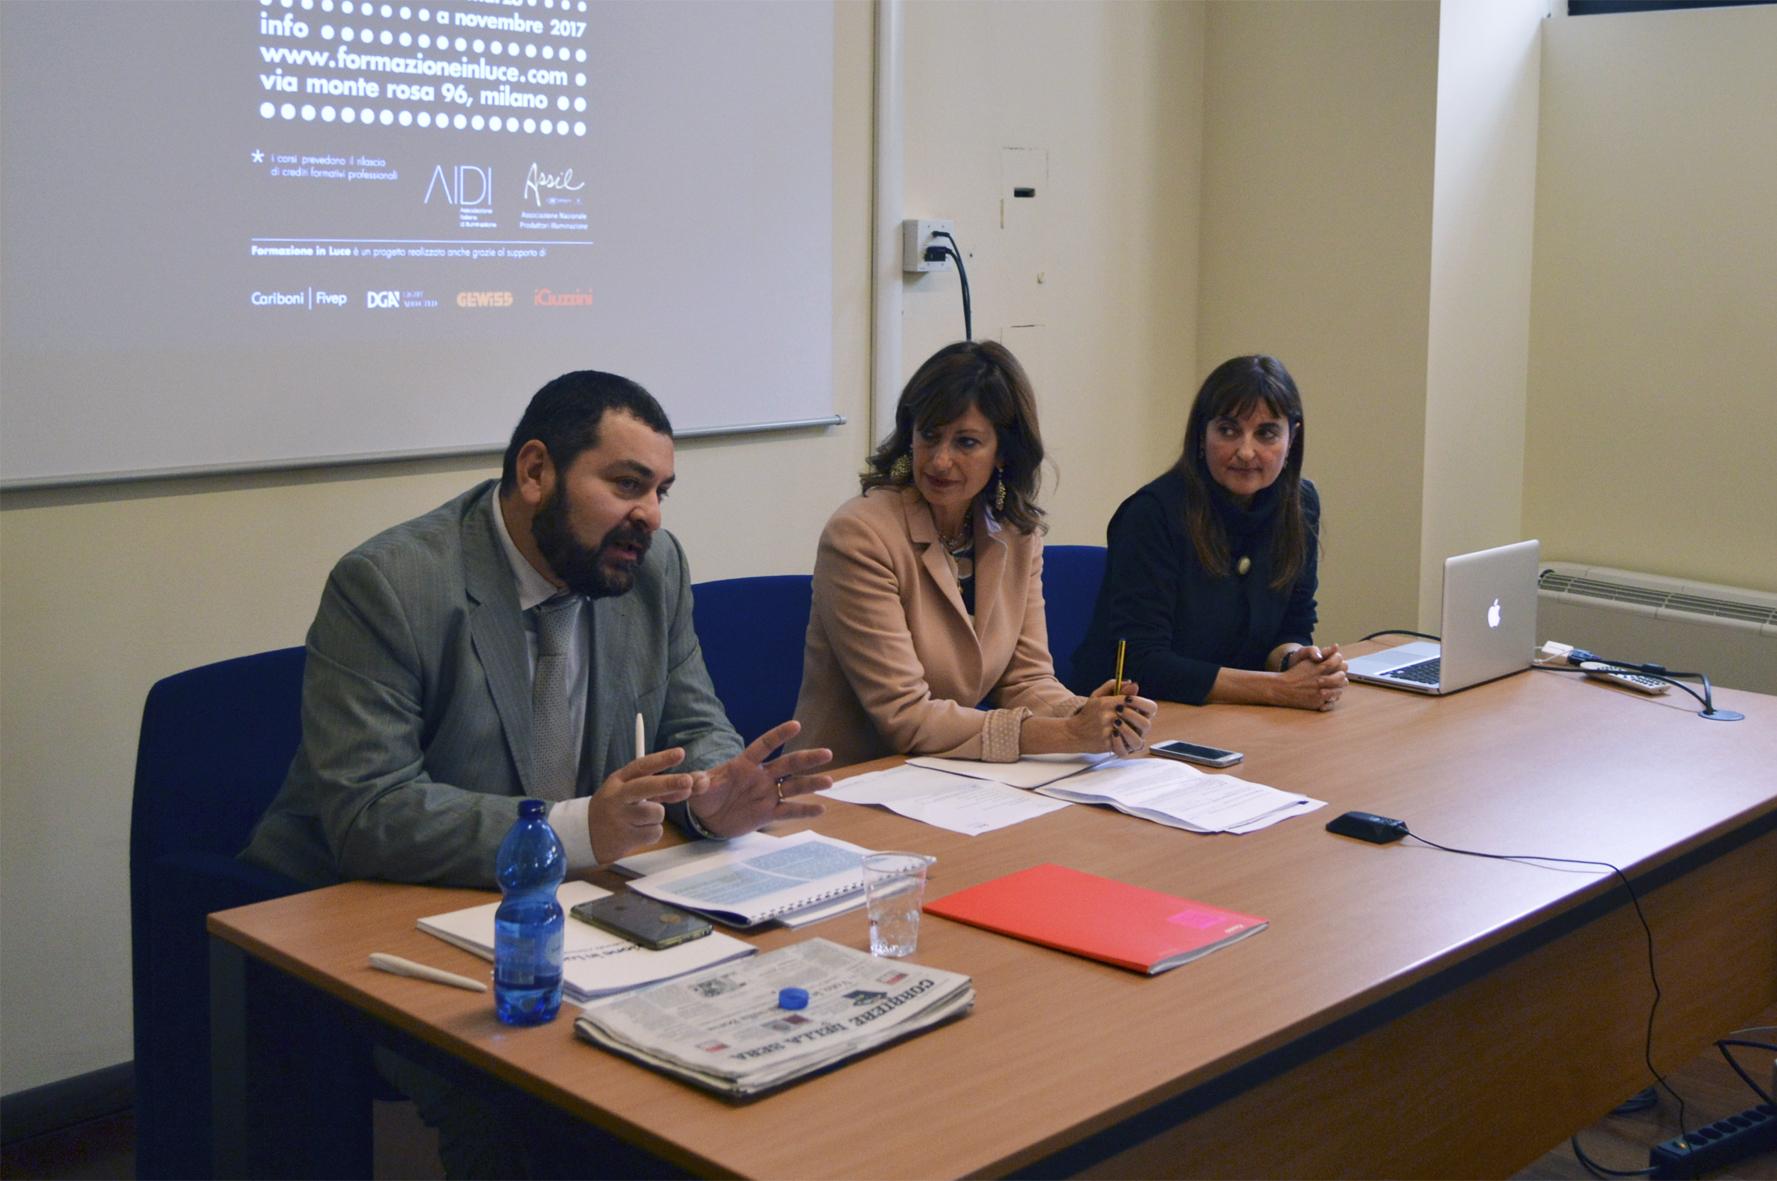 """""""Formazione in Luce"""". A sinistra, in primo piano, Fabio Pagano; sullo sfondo dell'immagine Alessandra Reggiani (courtesy photo: ASSIL)"""